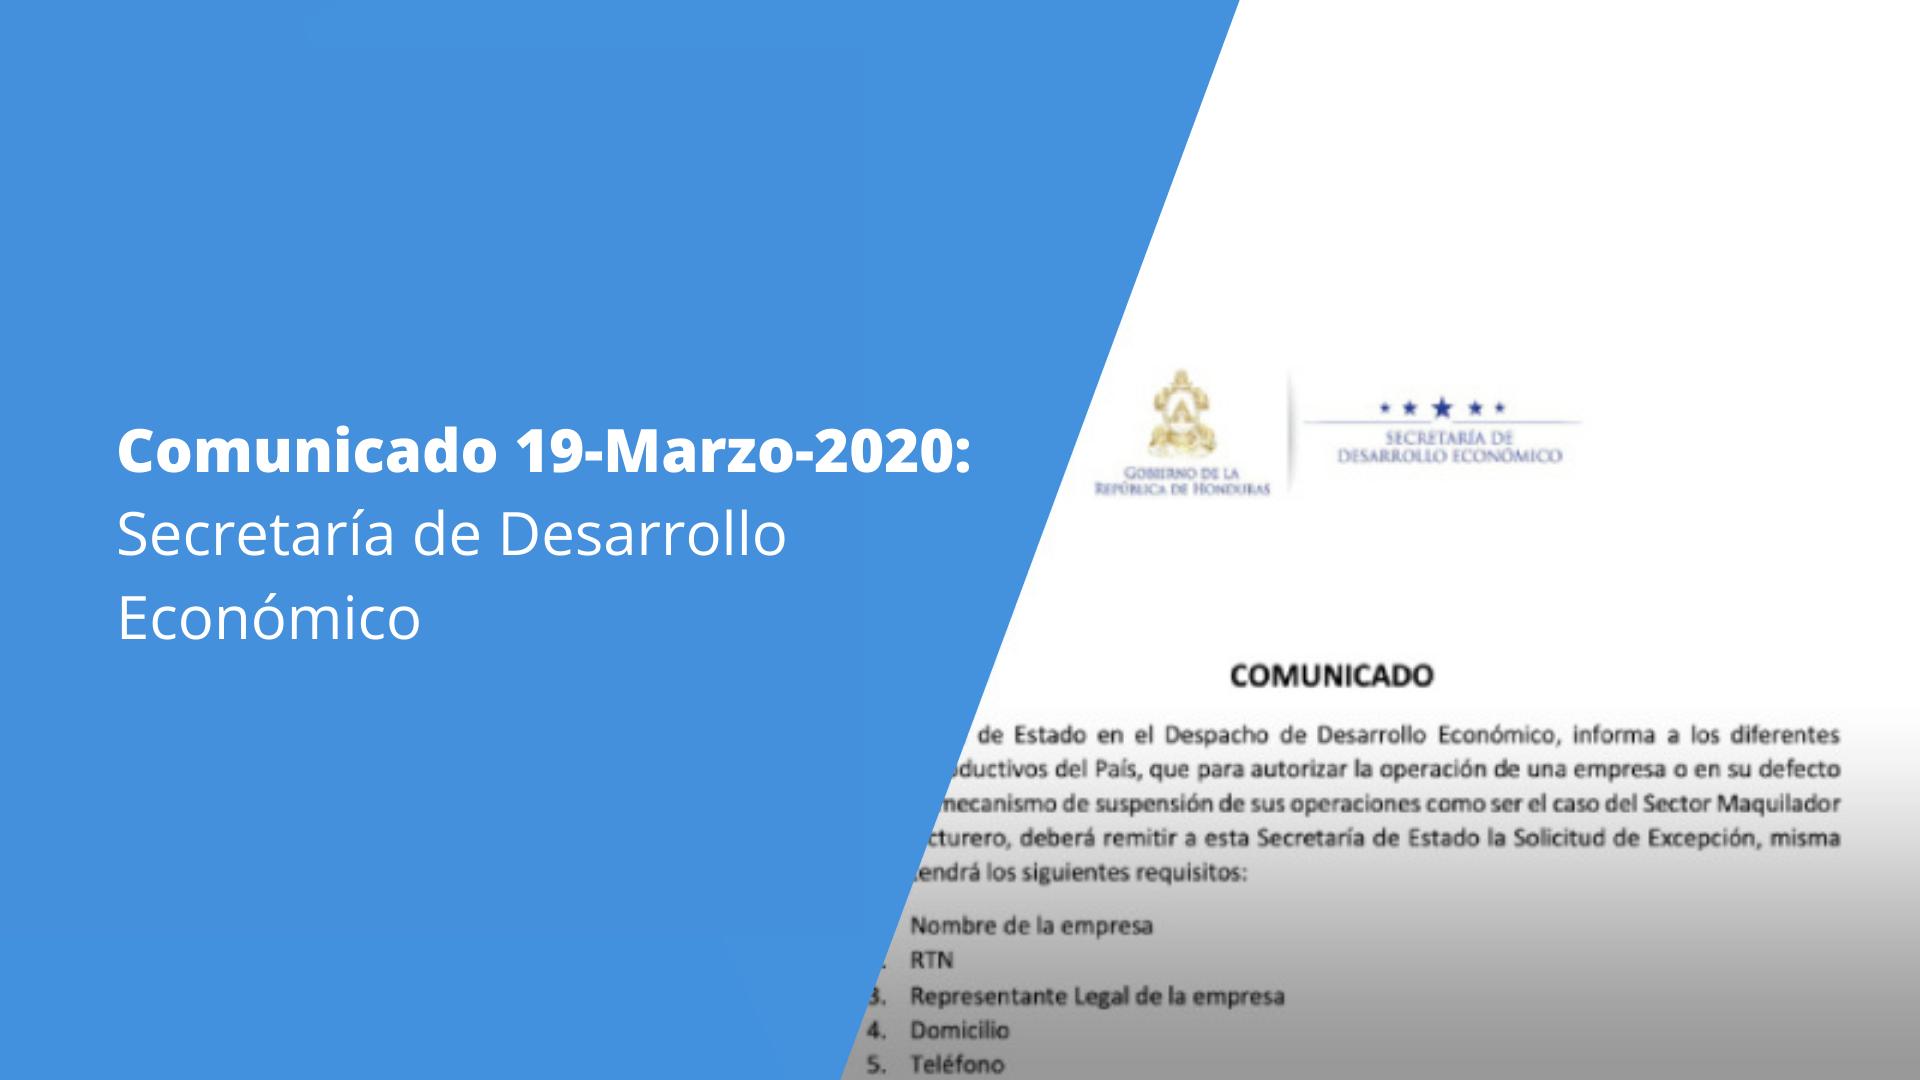 Comunicado 19-Mar-2020: Secretaría de Estado en el Despacho de Desarrollo Económico